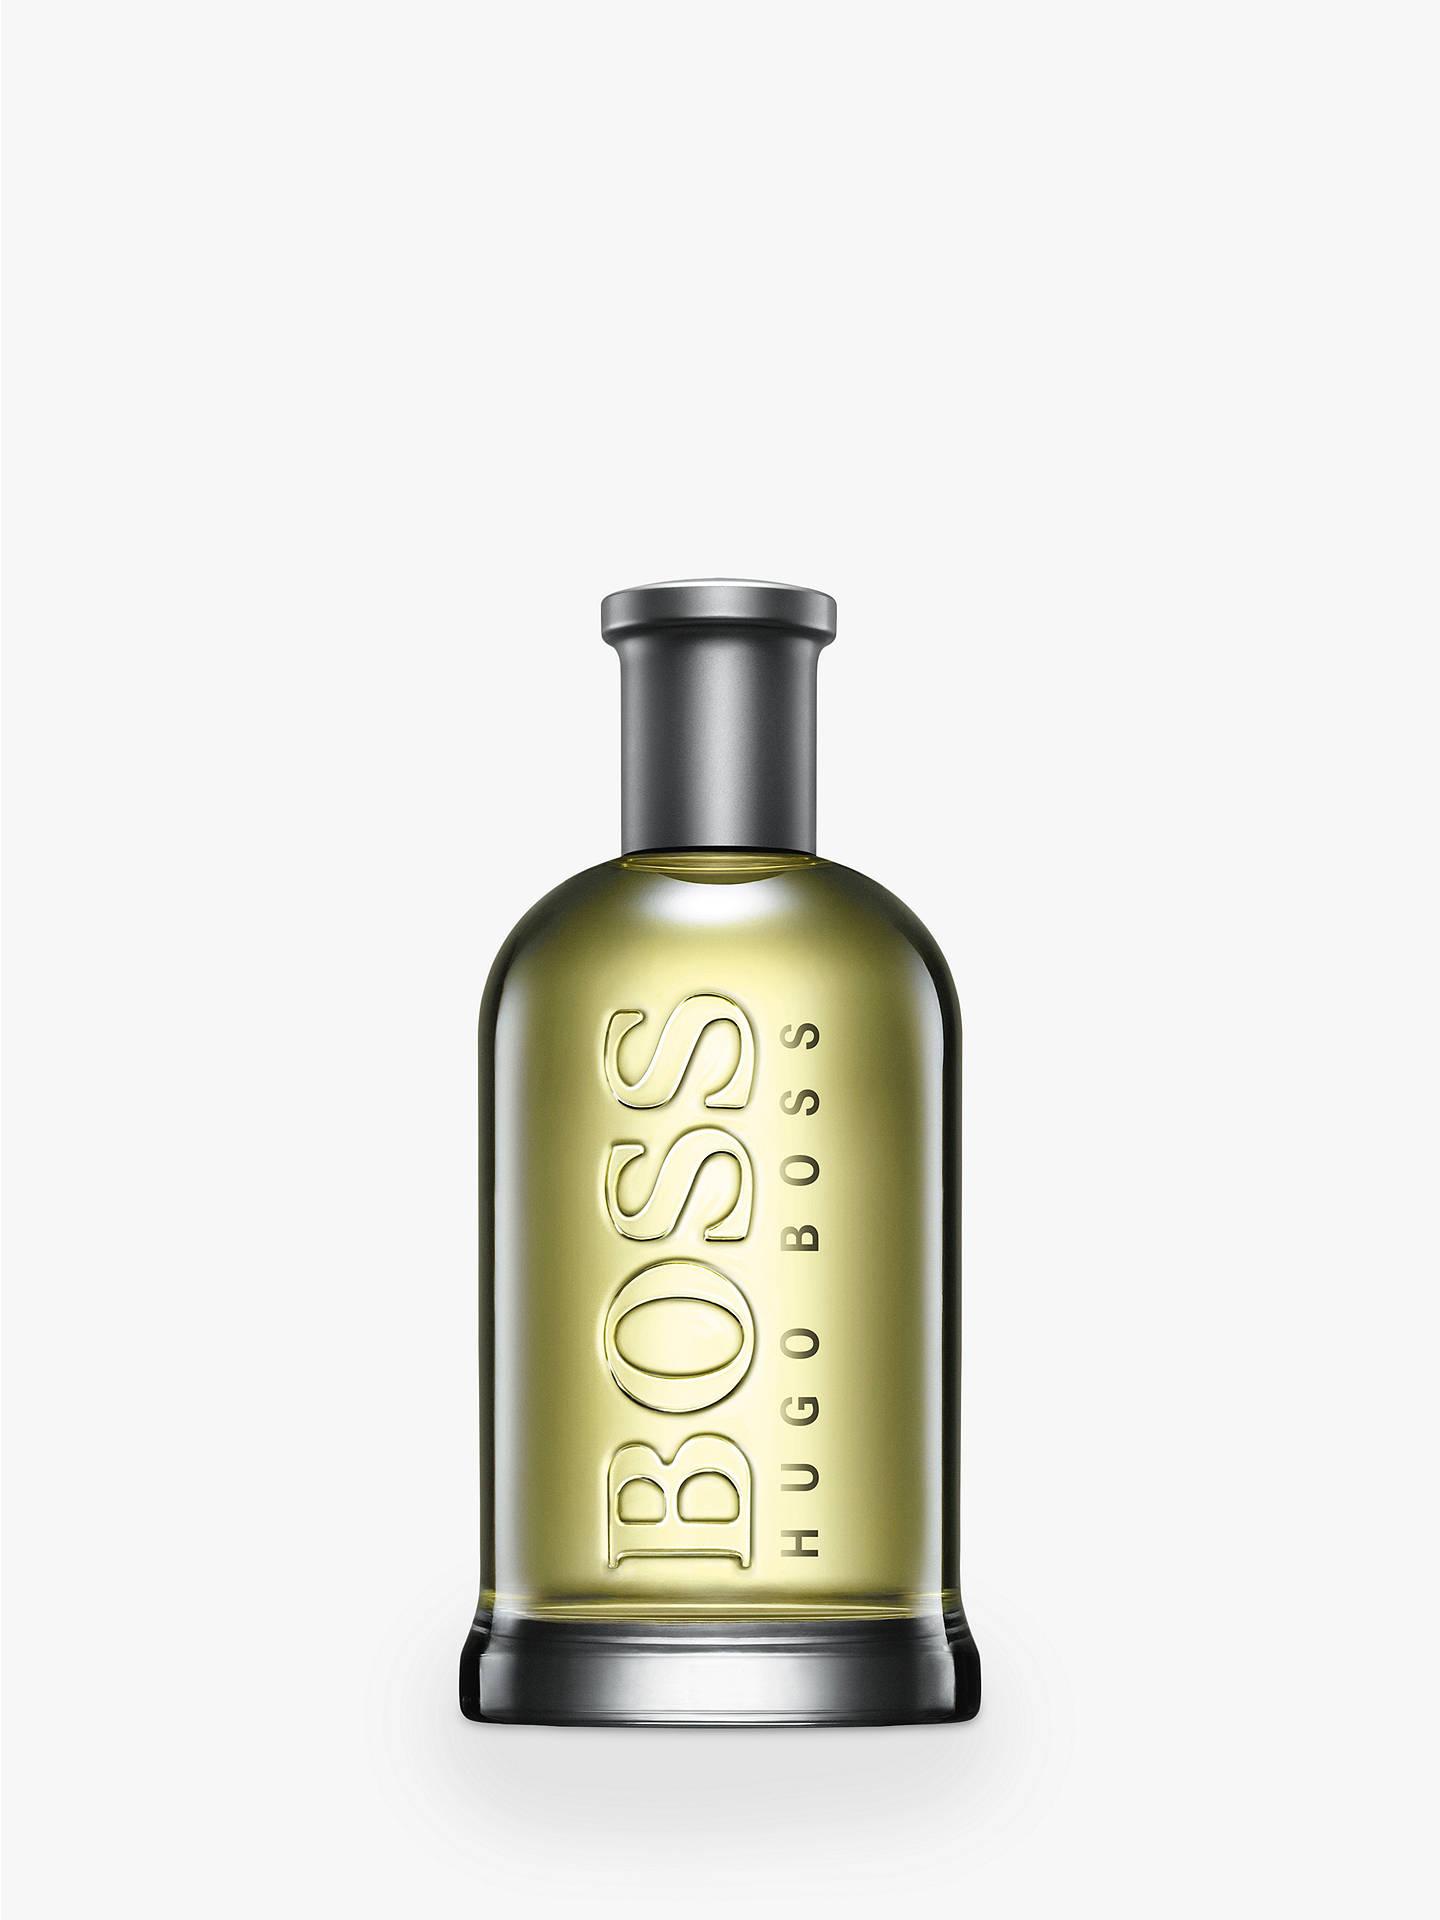 b00bff9933 Buy HUGO BOSS BOSS Bottled Eau de Toilette, 50ml Online at johnlewis.com ...